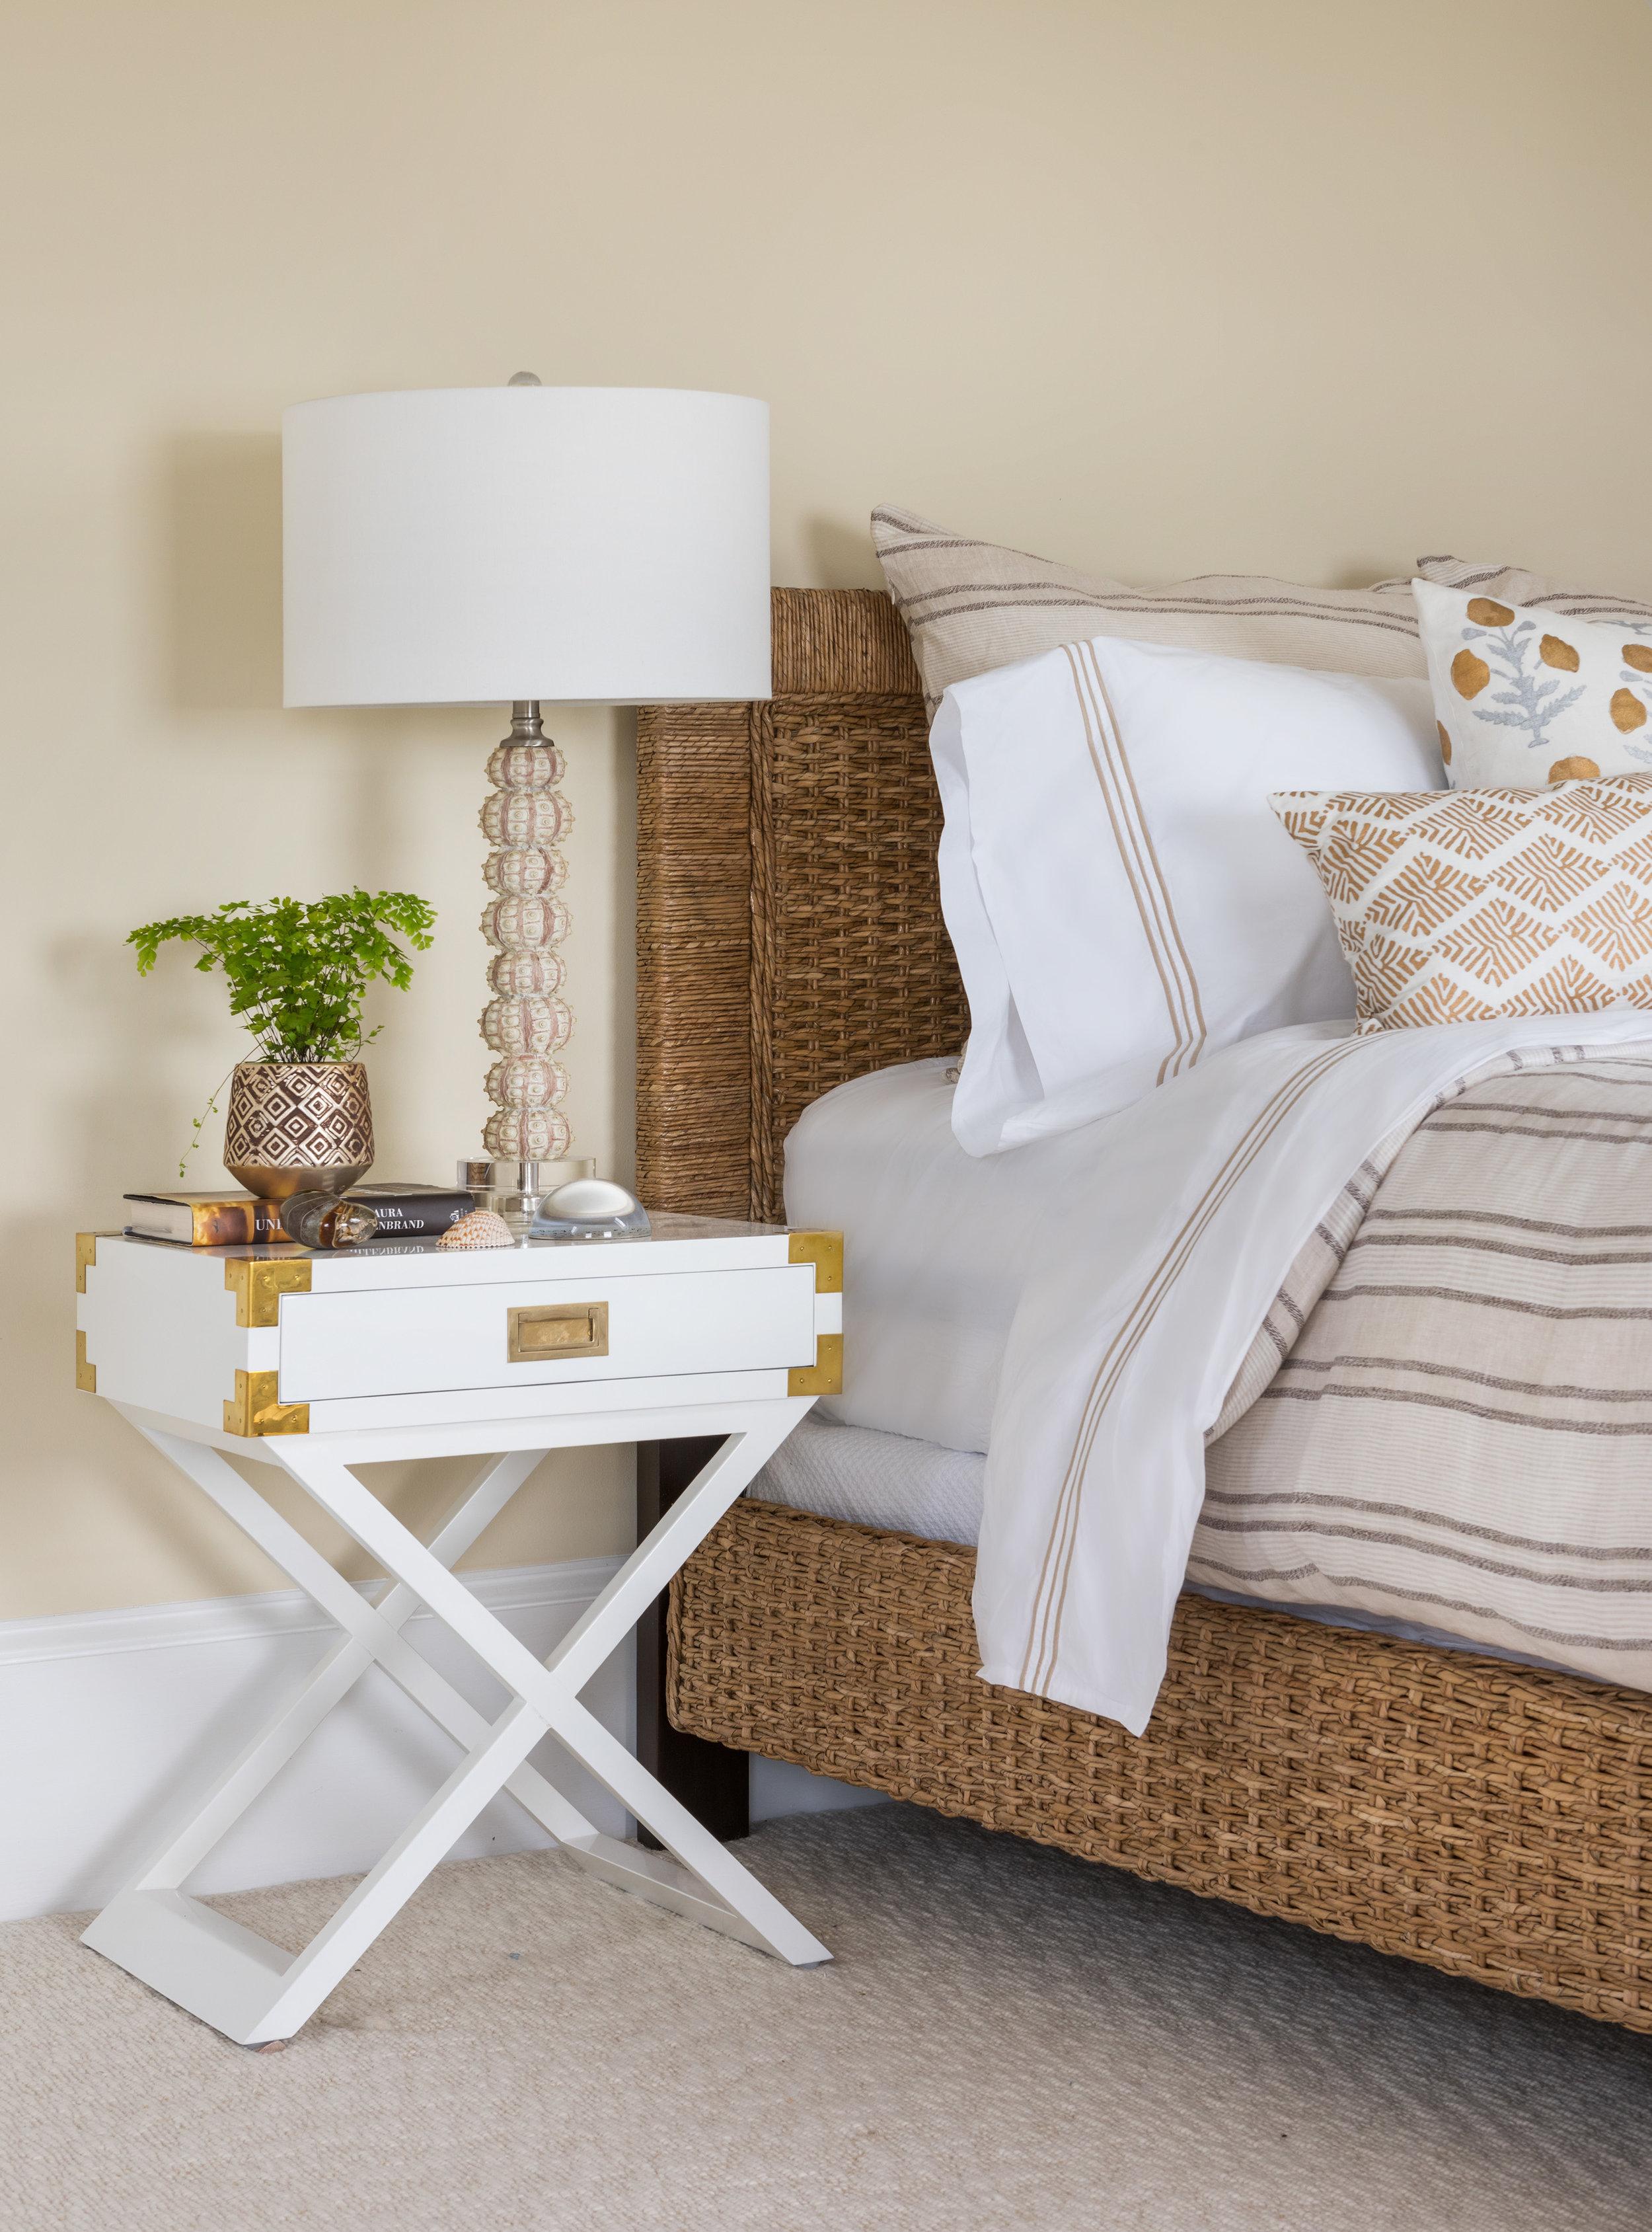 Newport, Rhode Island, interior design, bedroom design, wicker bed, campaign nightstand